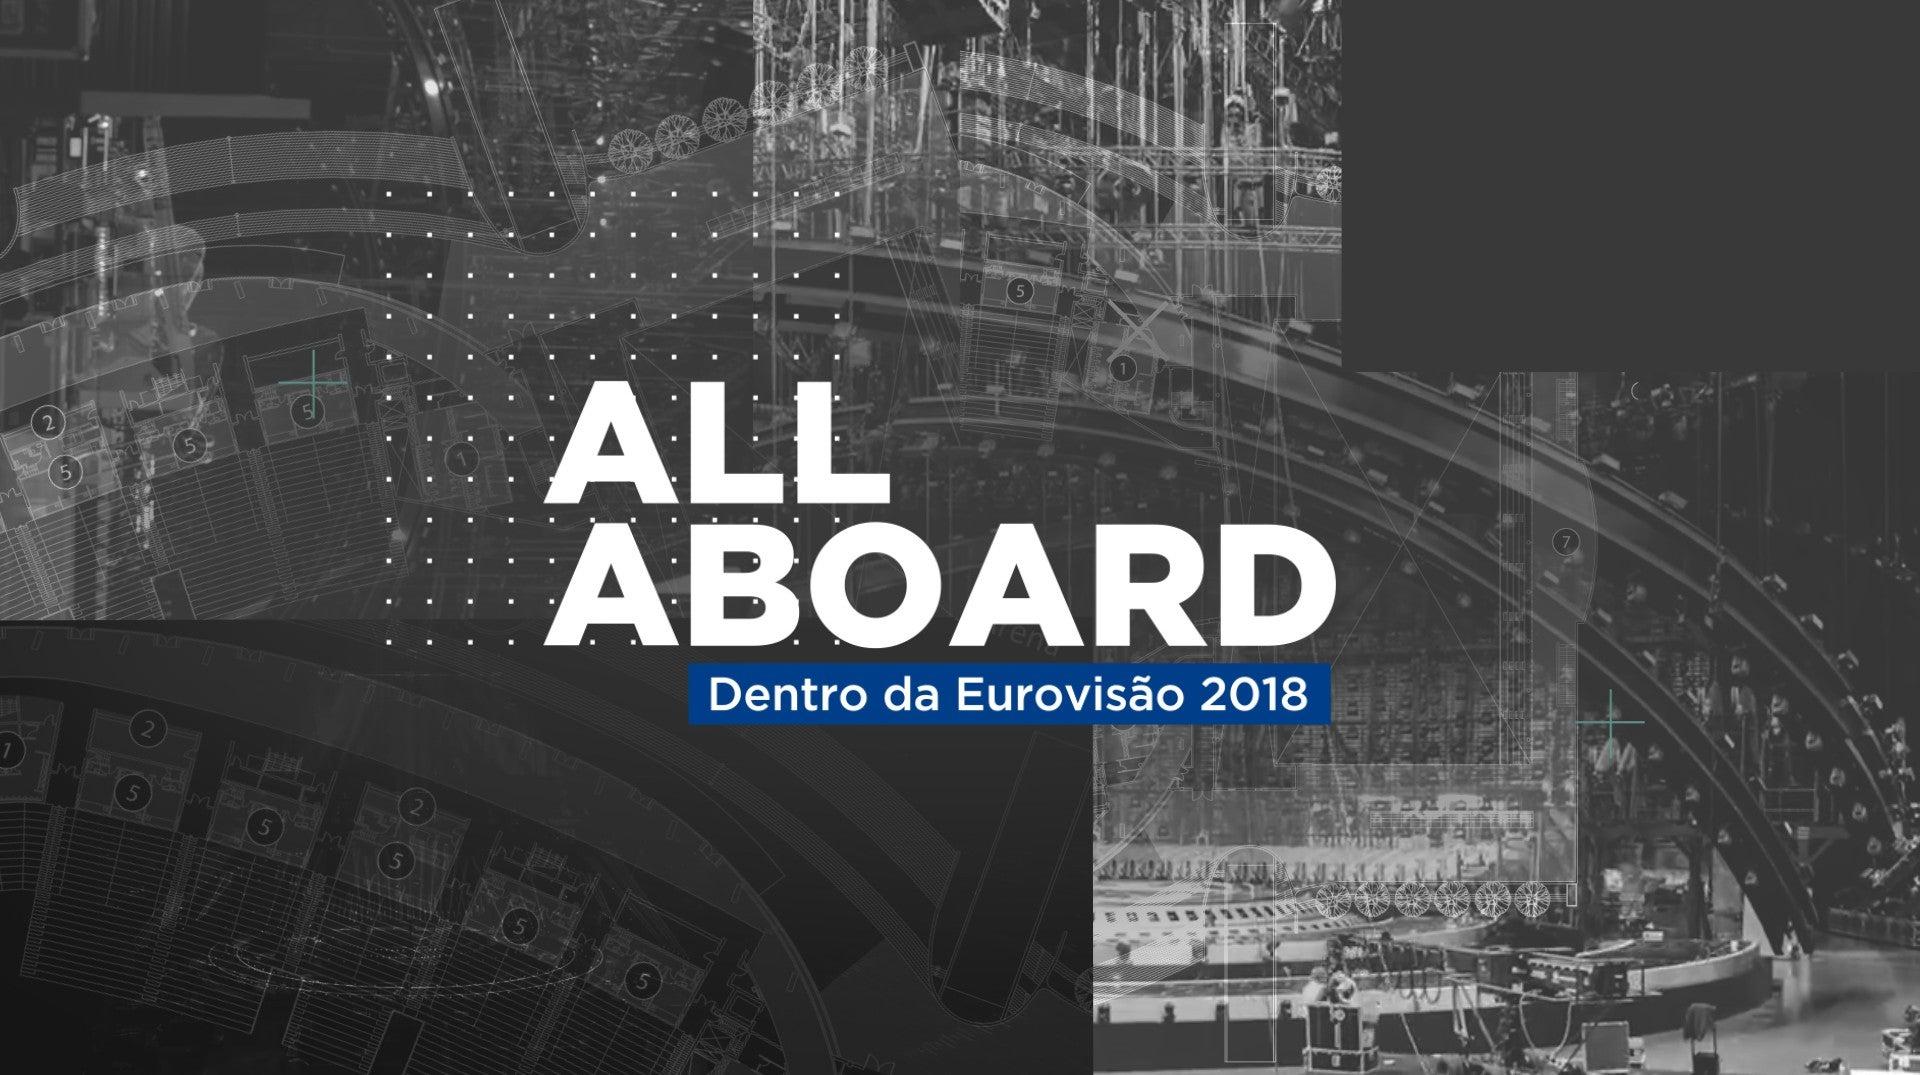 All Aboard - Dentro da Eurovisão 2018